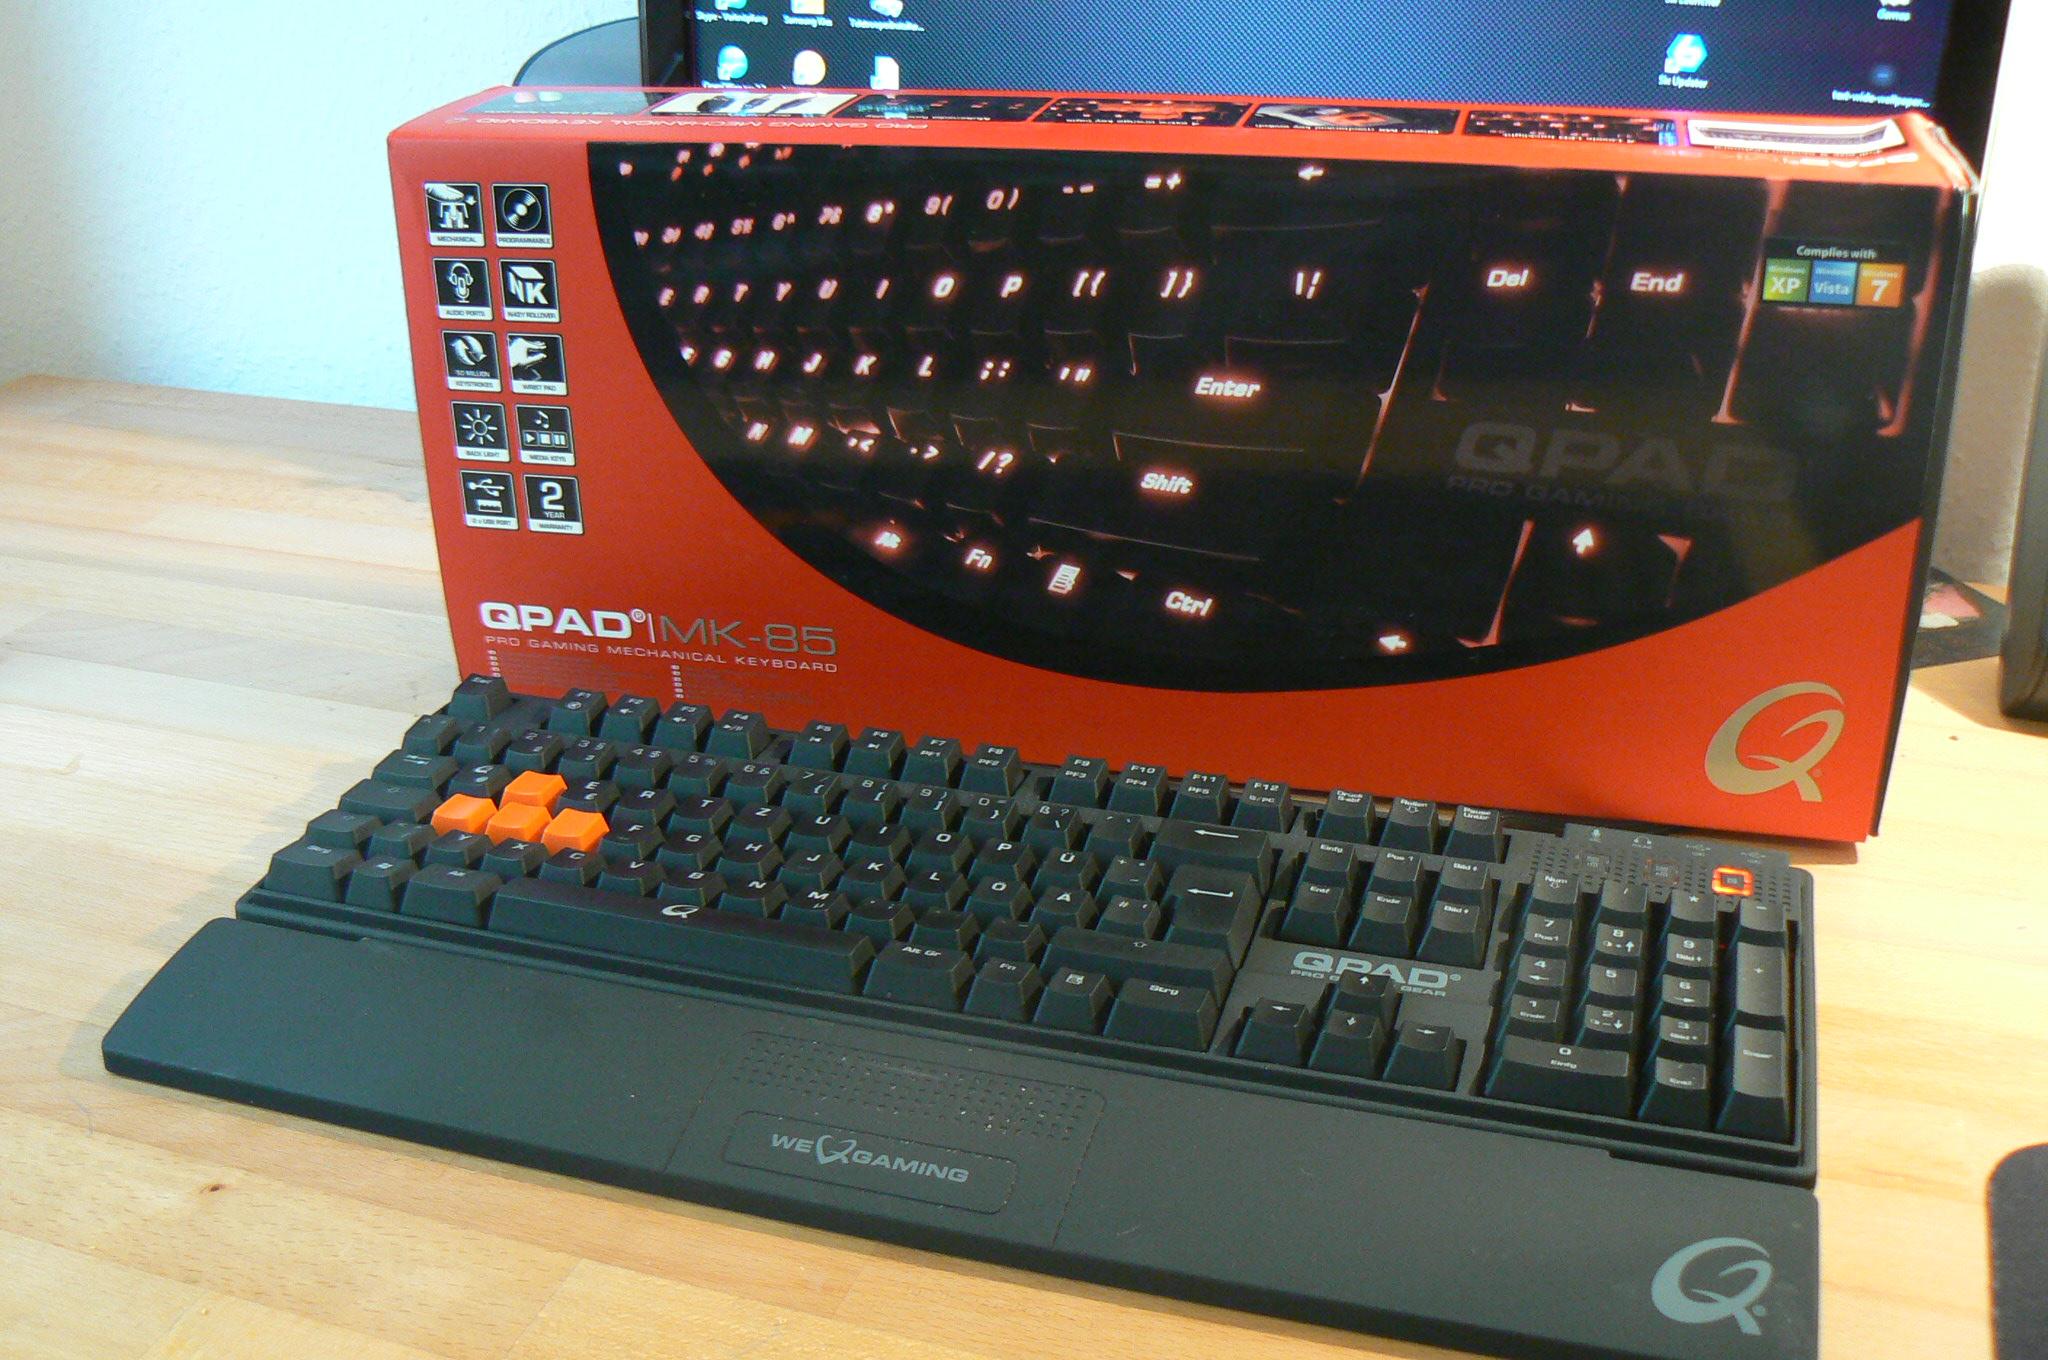 Da ist sie - die MK-85 von Q-PAD. (Foto: GamingGadgets.de)